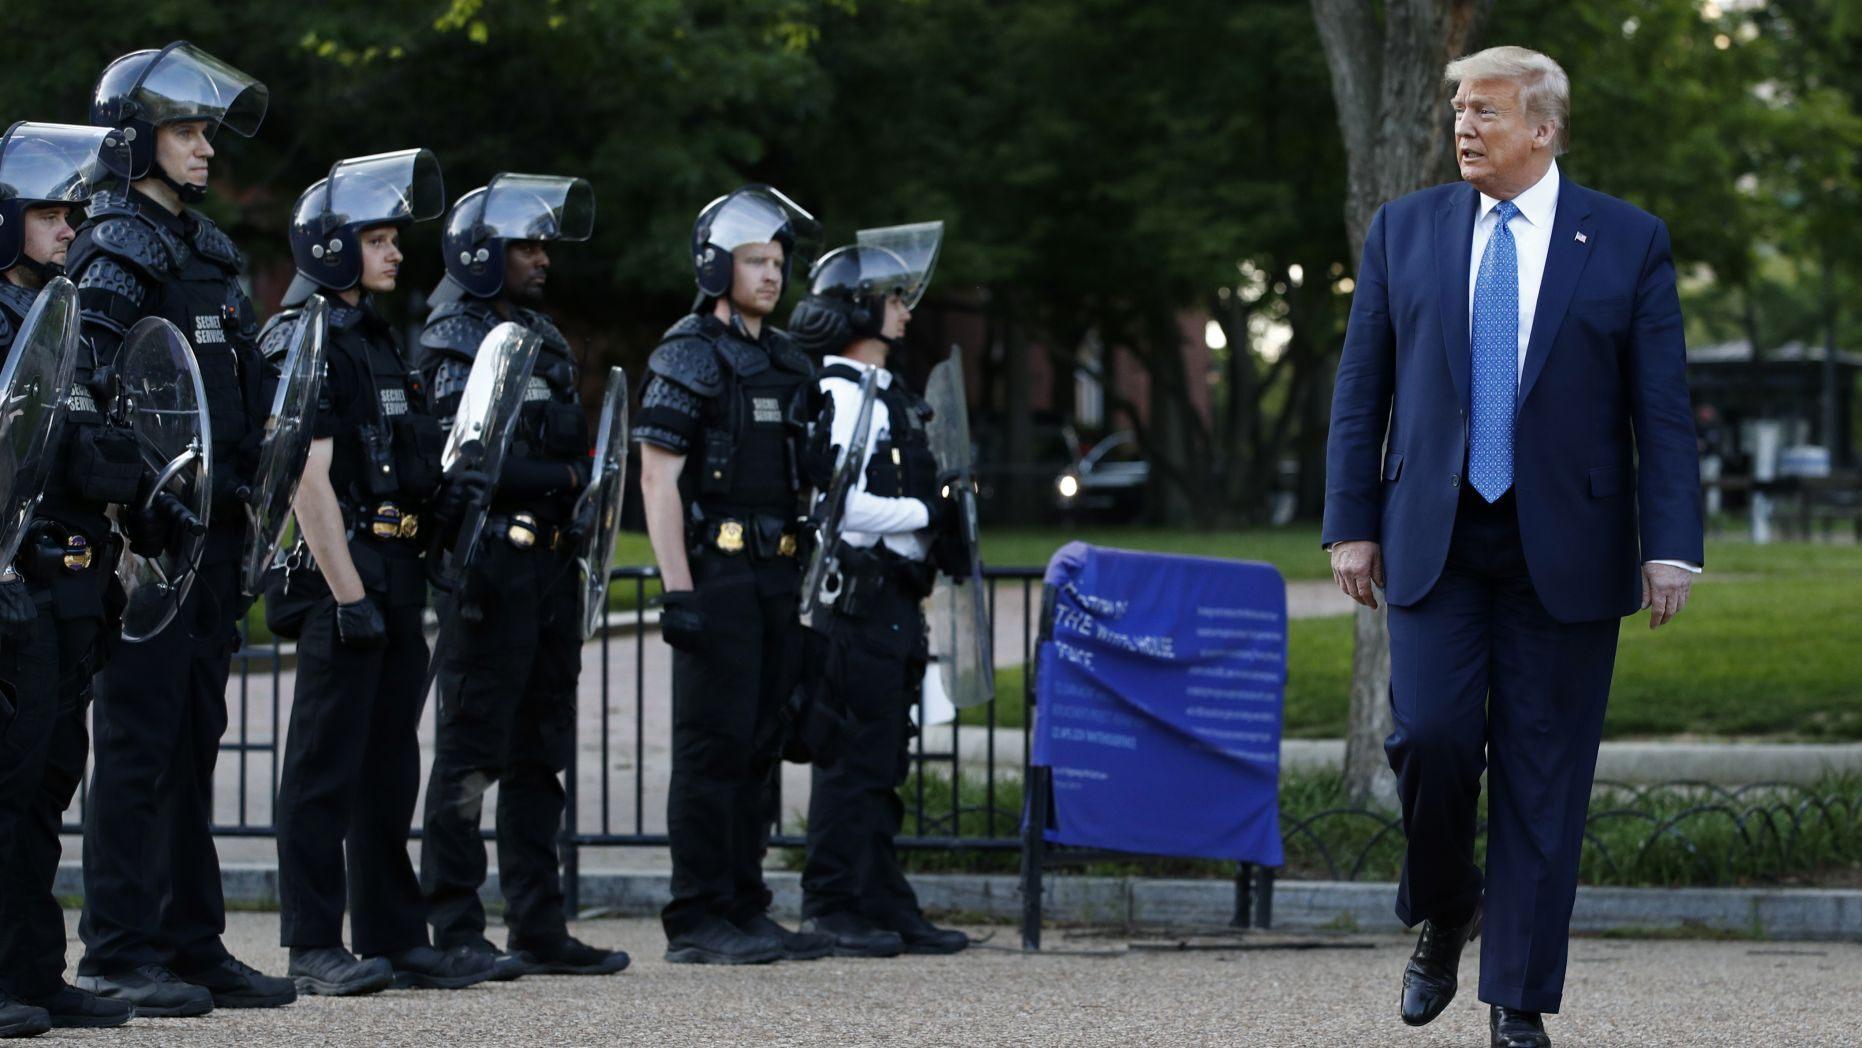 【怎样创建博客】_为啥进白宫地堡?特朗普的解释让人没想到……